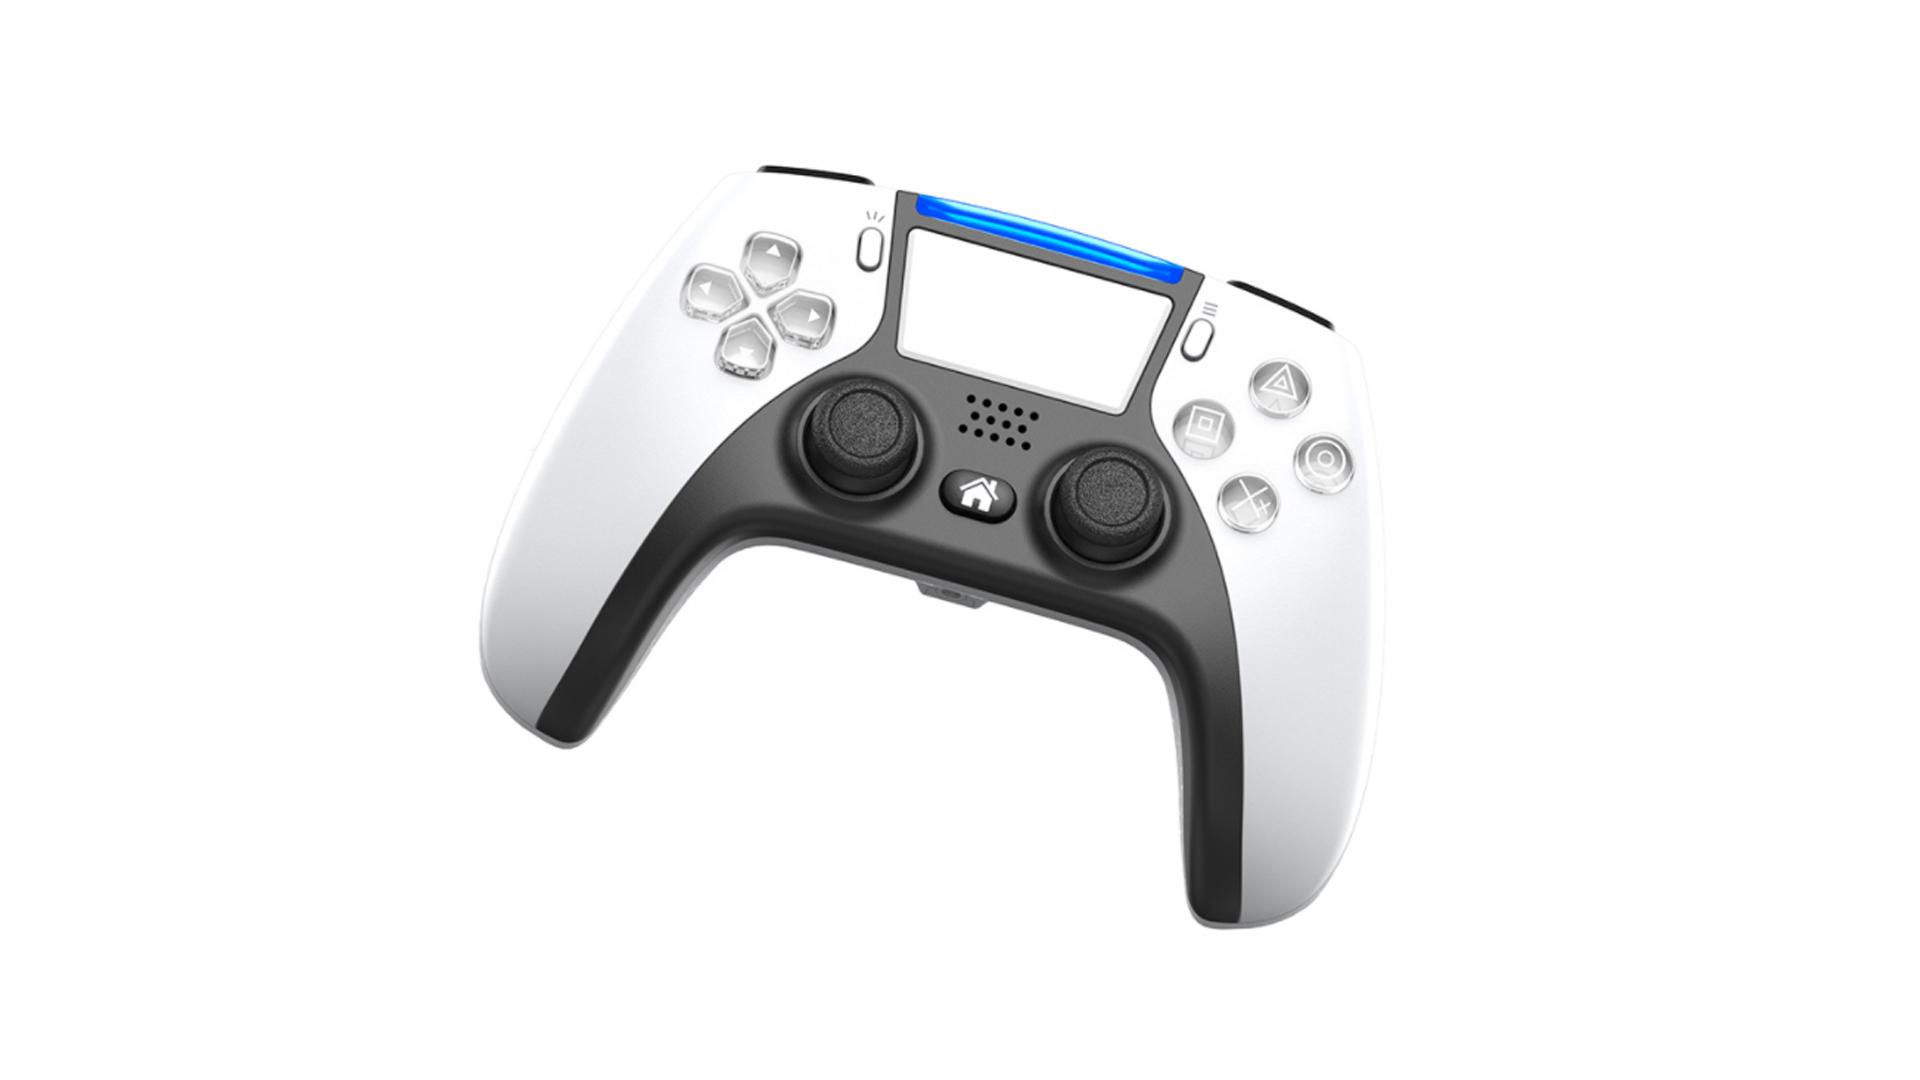 PS5 سبک بی سیم کنترل بازی جوی استیک پشتیبانی از کنسول بازی PS4